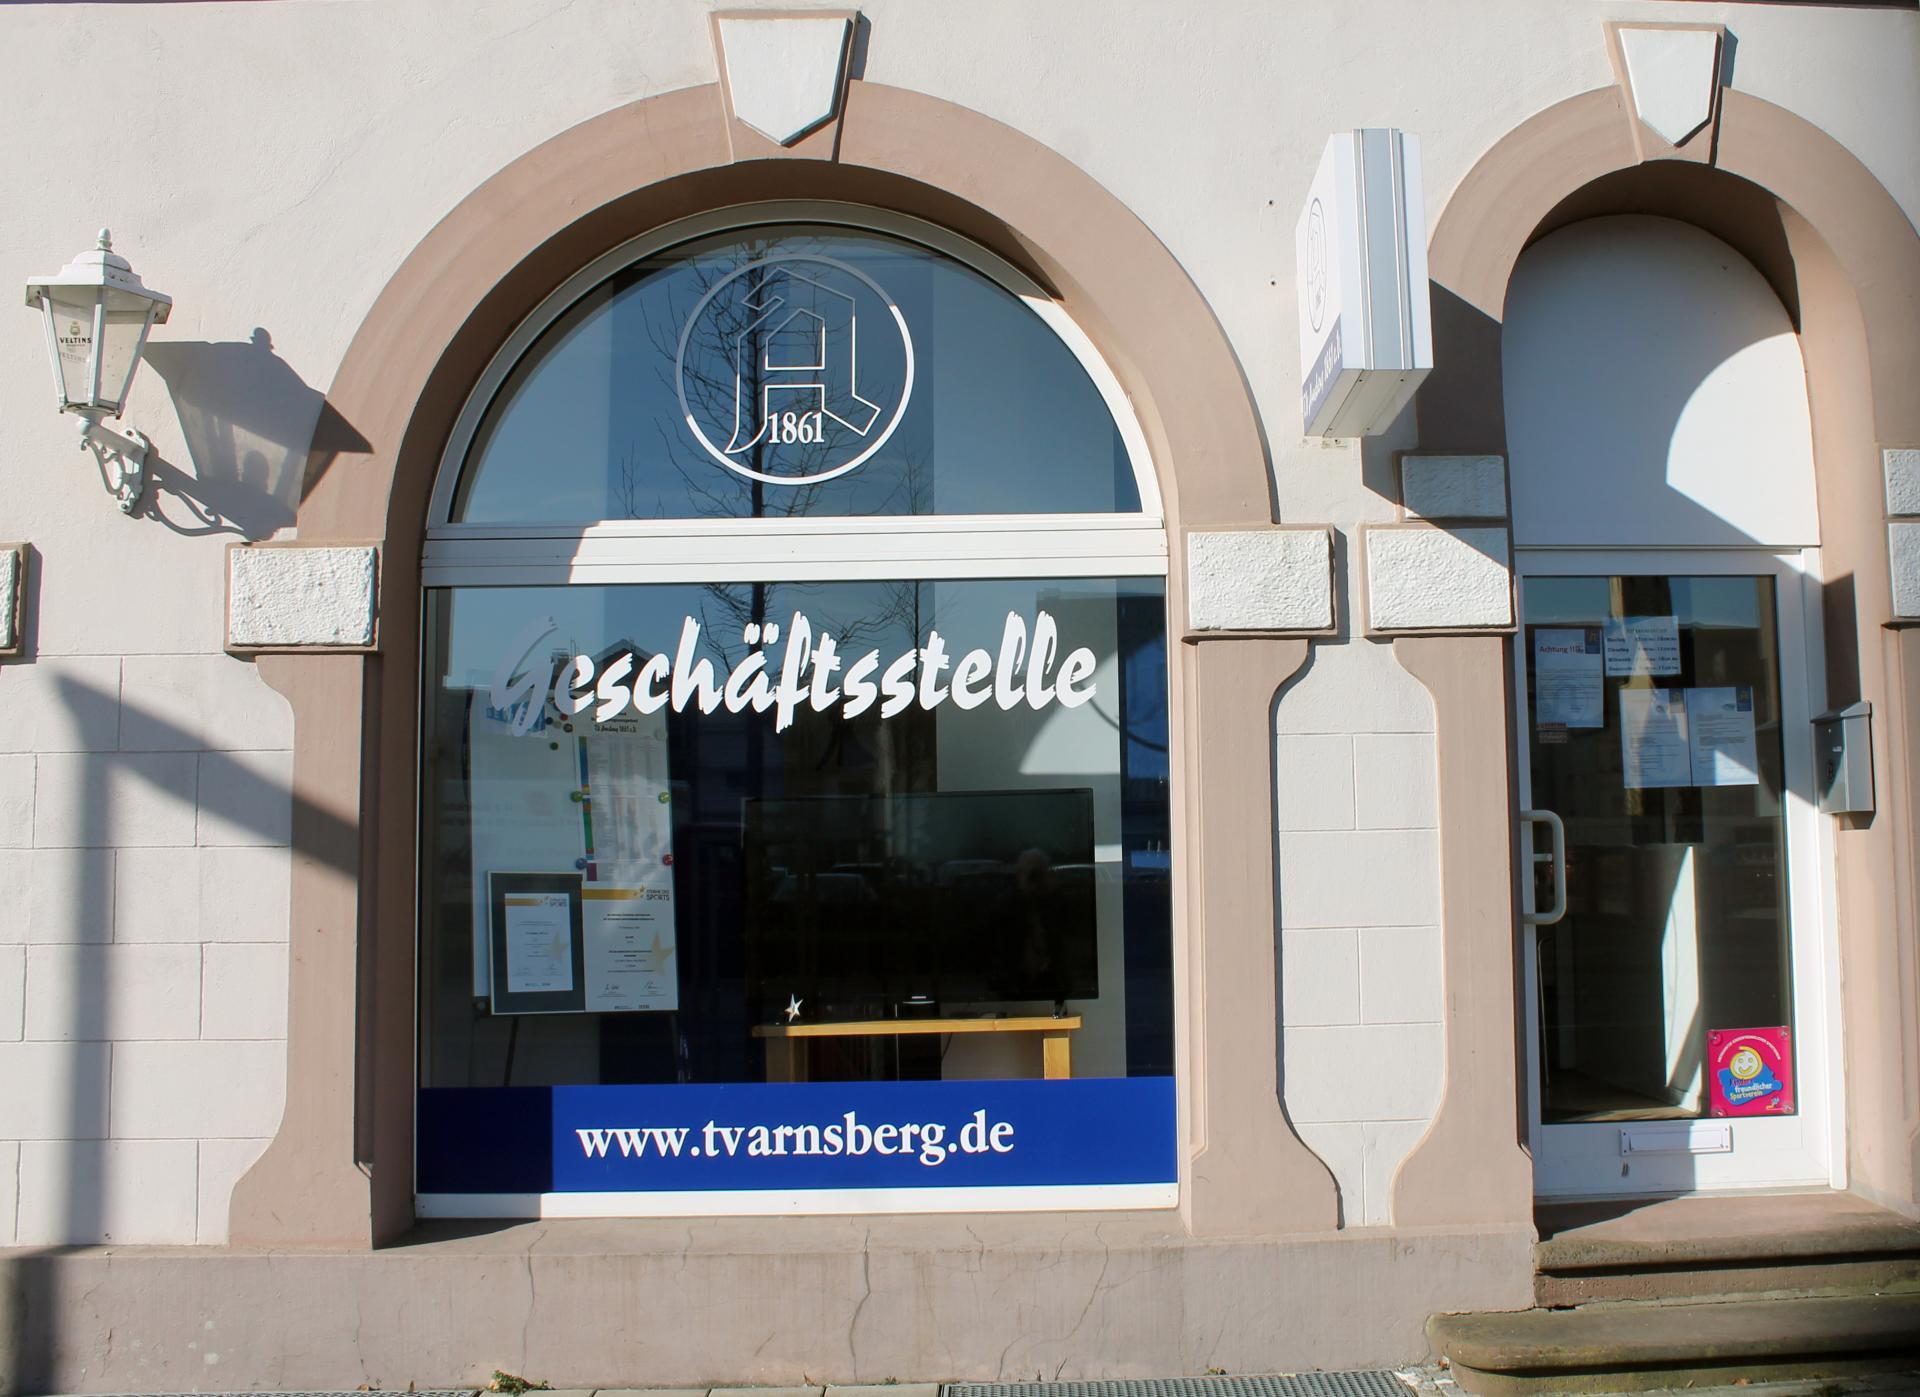 Geschäftsstelle des TV Arnsberg